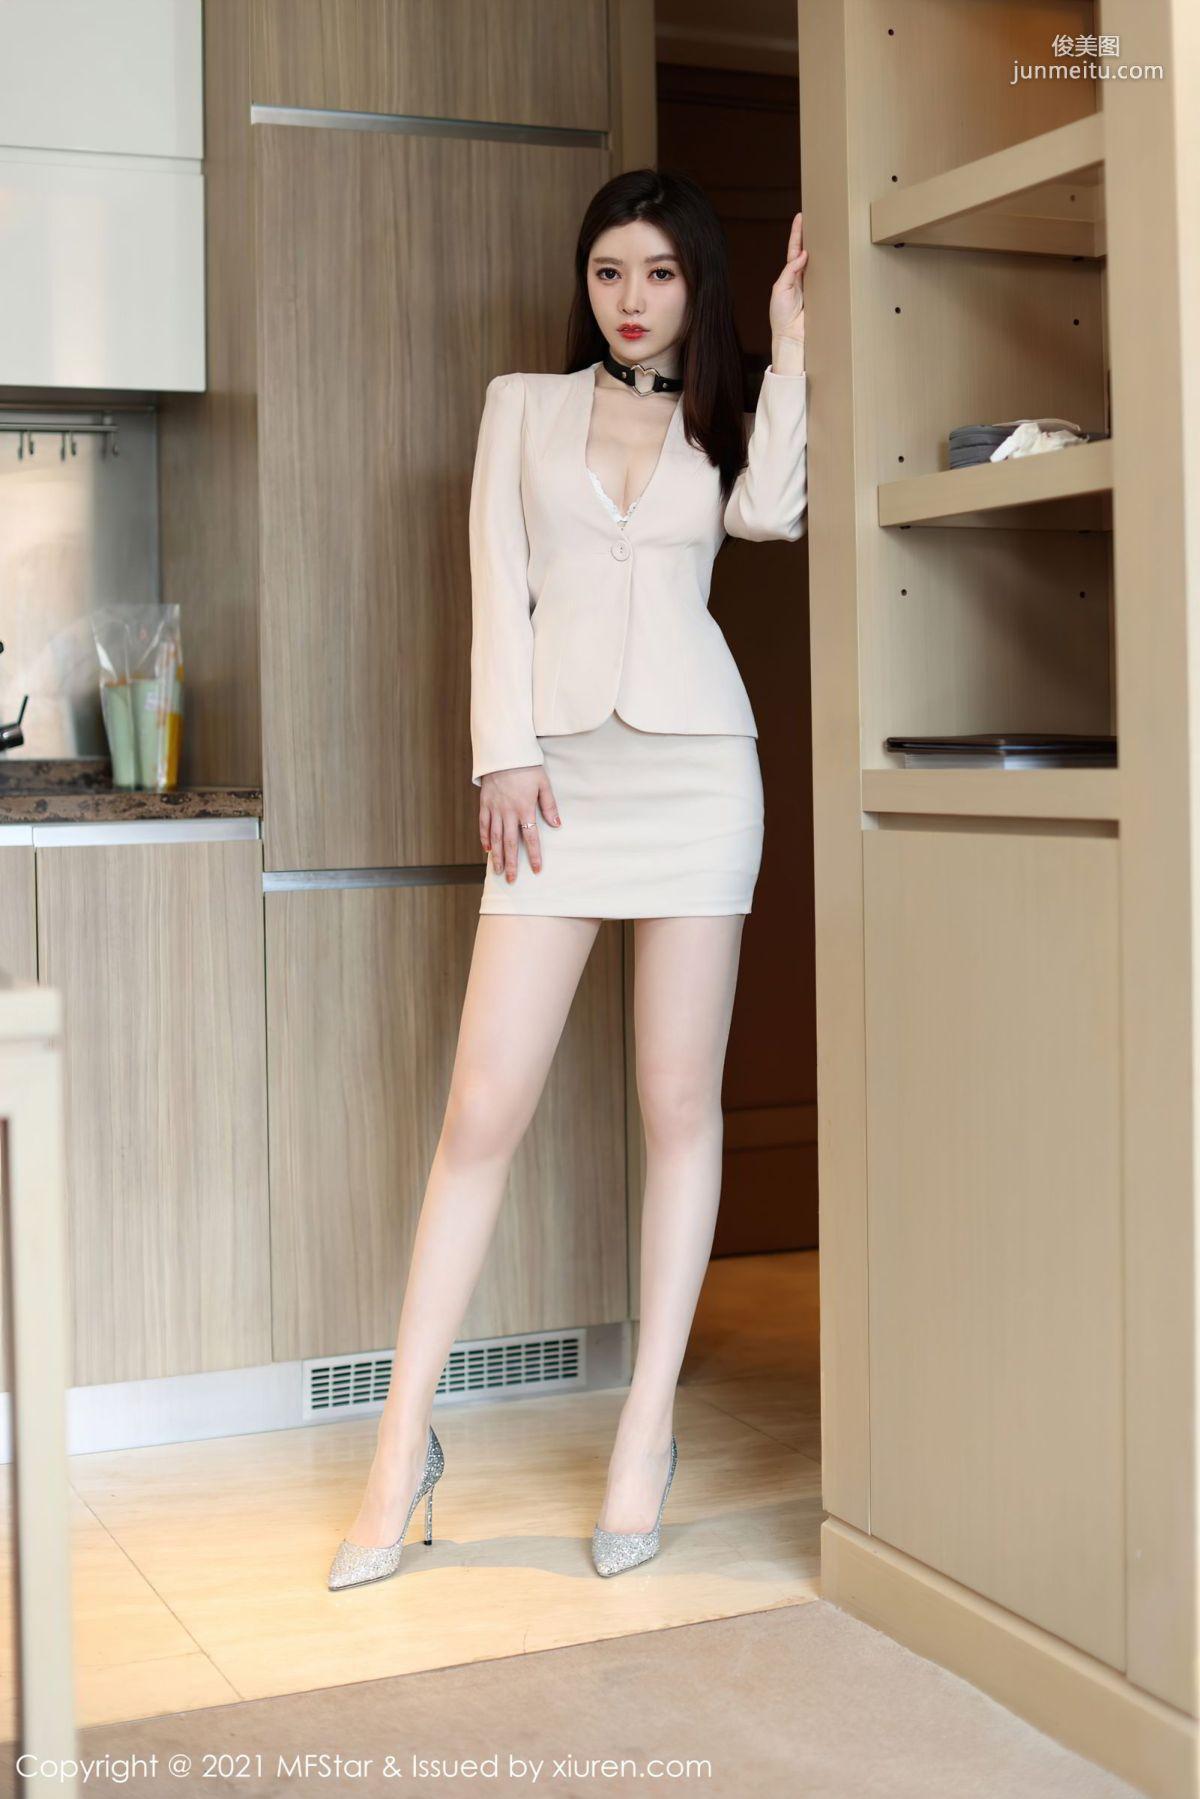 新人模特吴雪瑶 简约不失魅力的西装